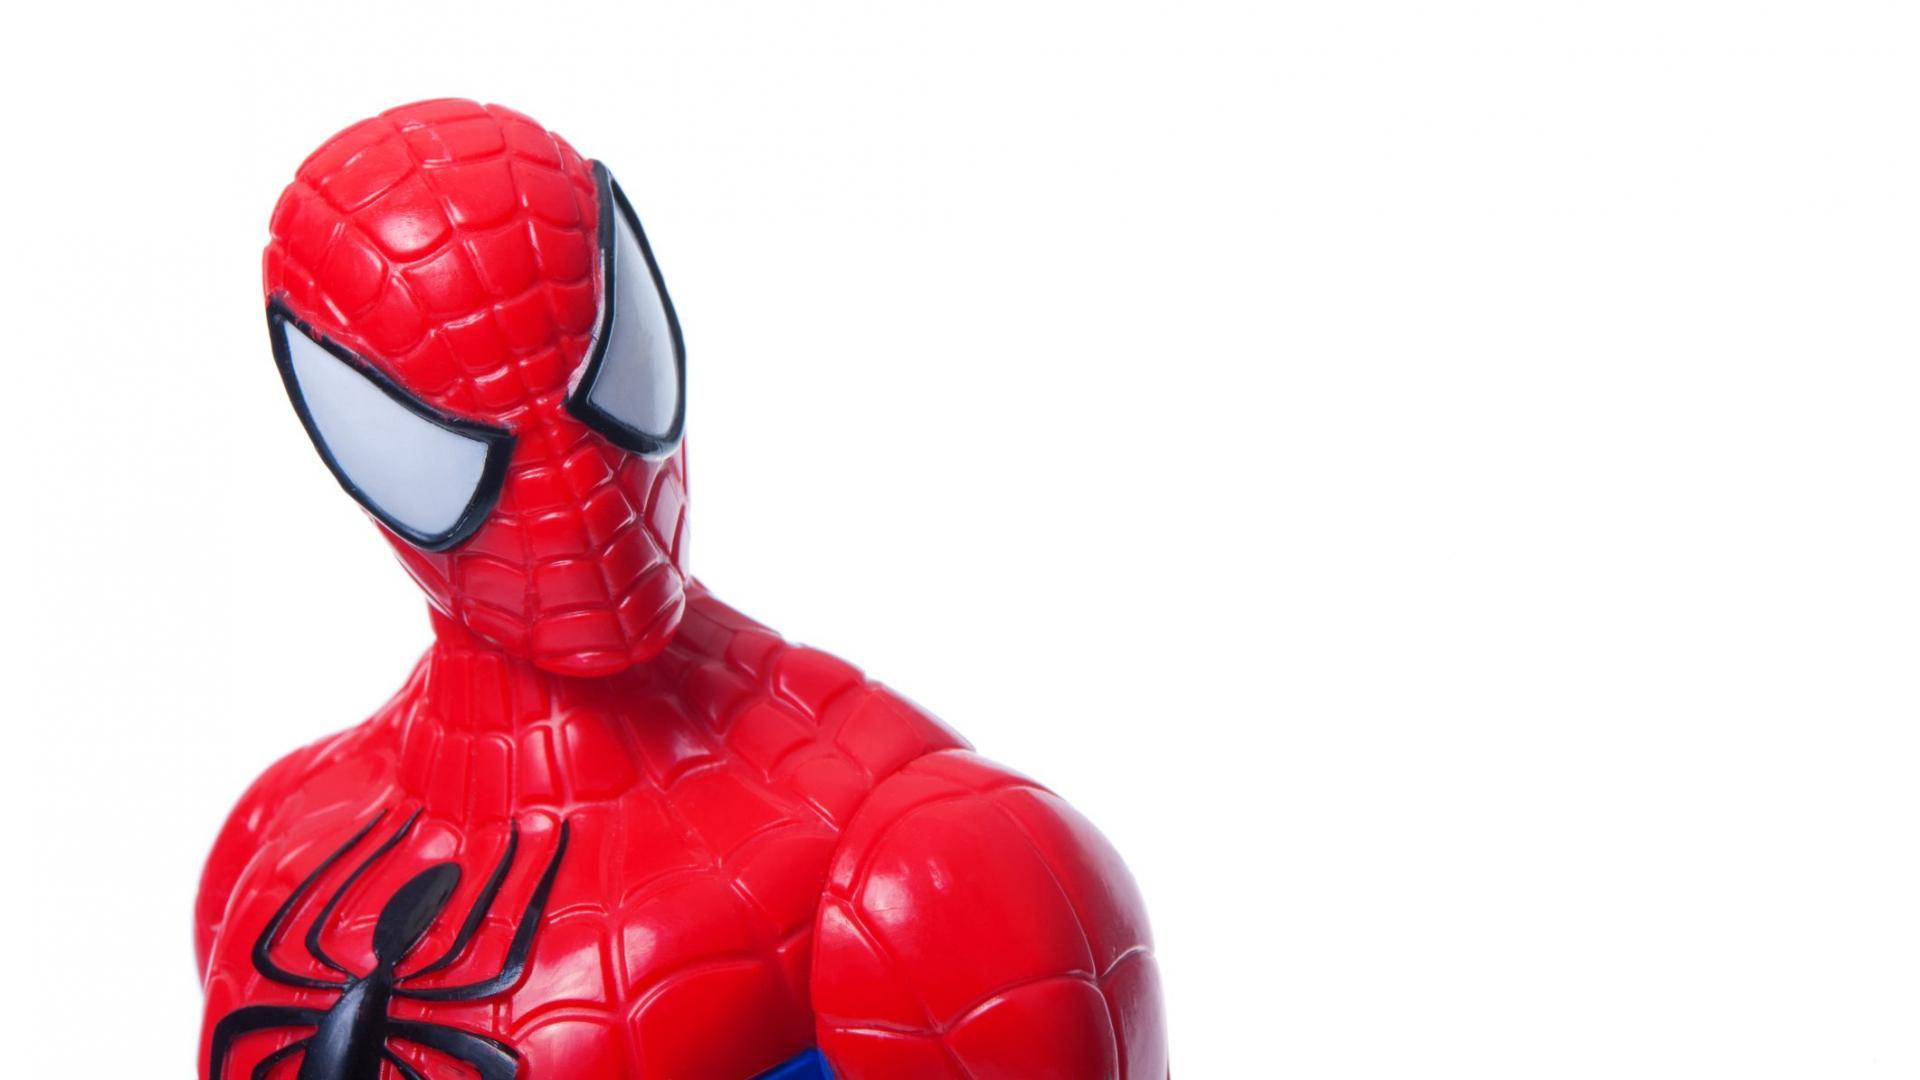 toy Spider-Man figure